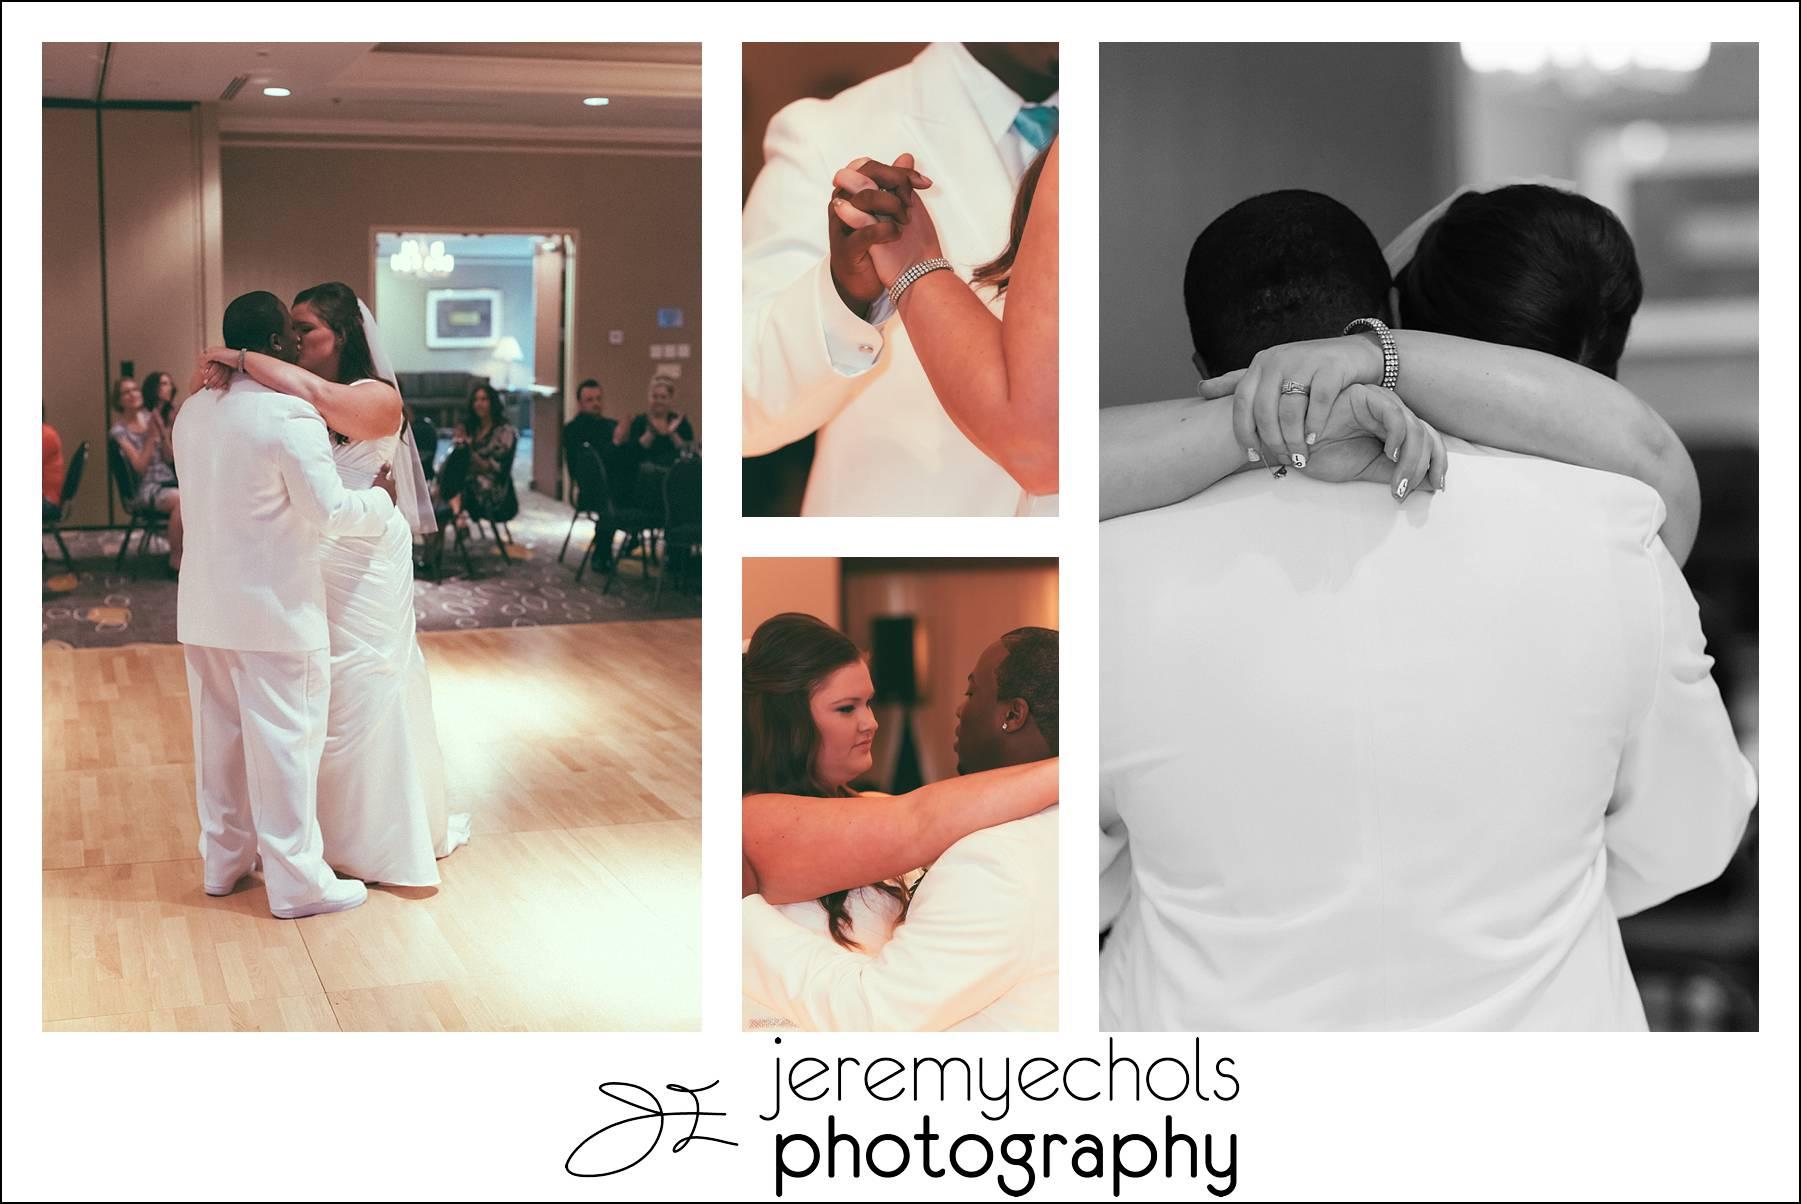 Marcus-Chelsea-Tacoma-Wedding-Photography-756_WEB.jpg